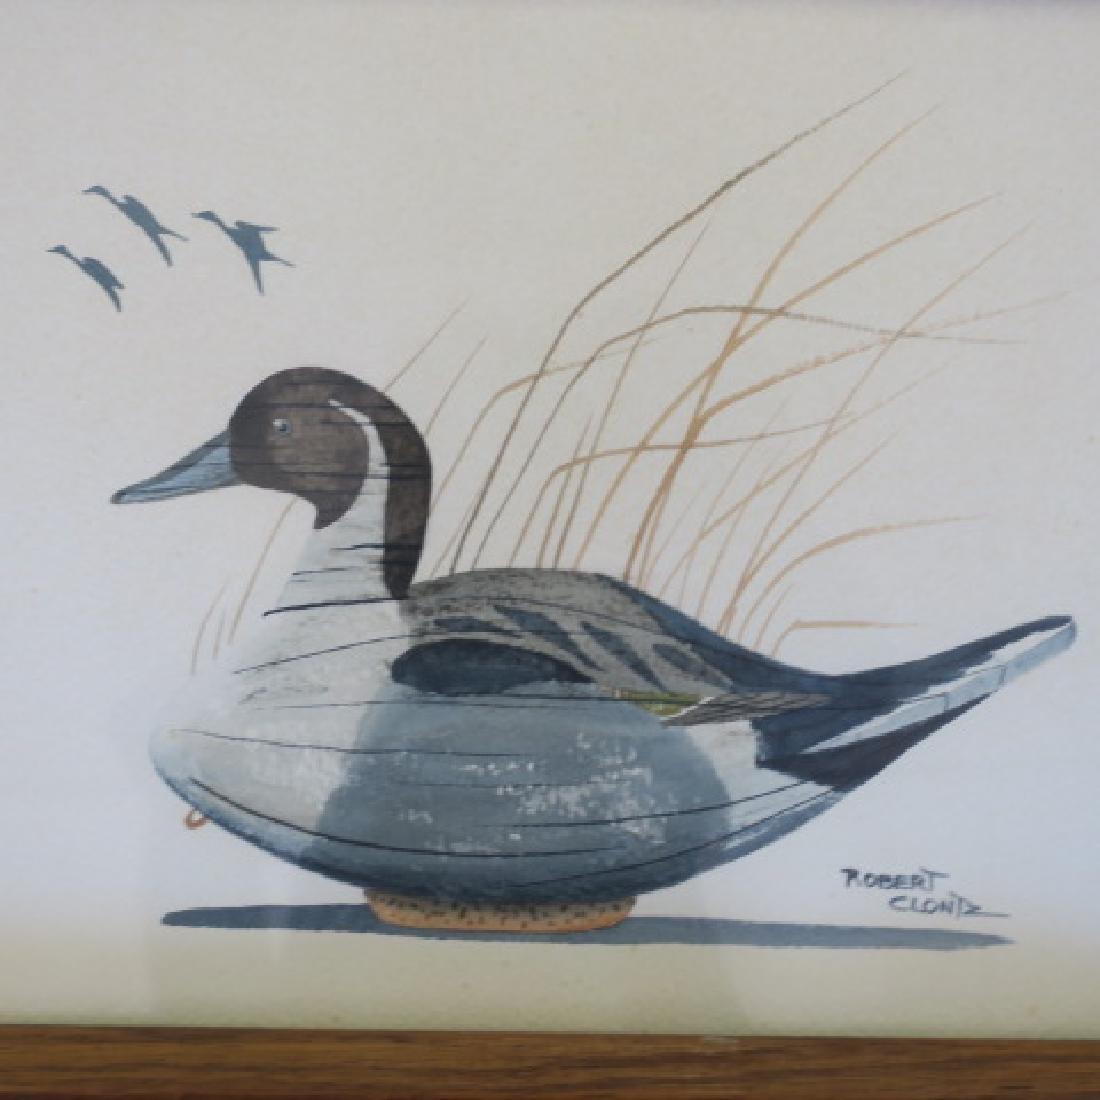 Two Signed ROBERT CLONTZ Duck Decoy Watercolors: - 4